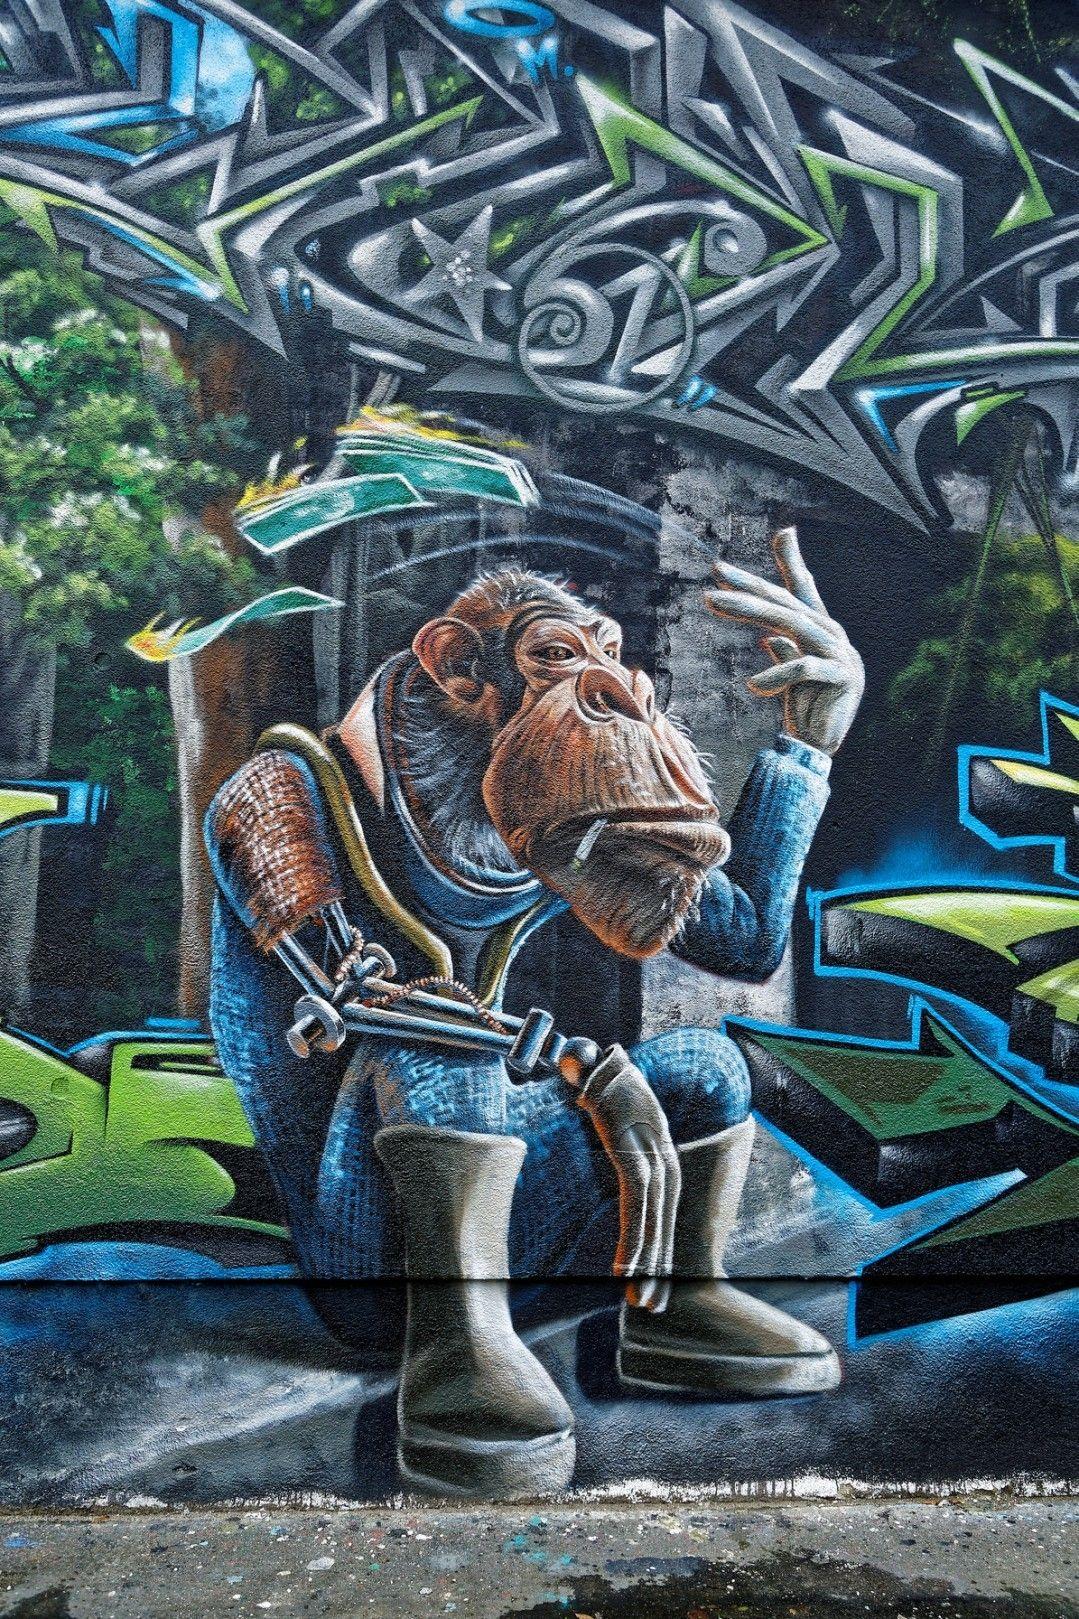 3d art street mural street graffiti 3d street art street artists